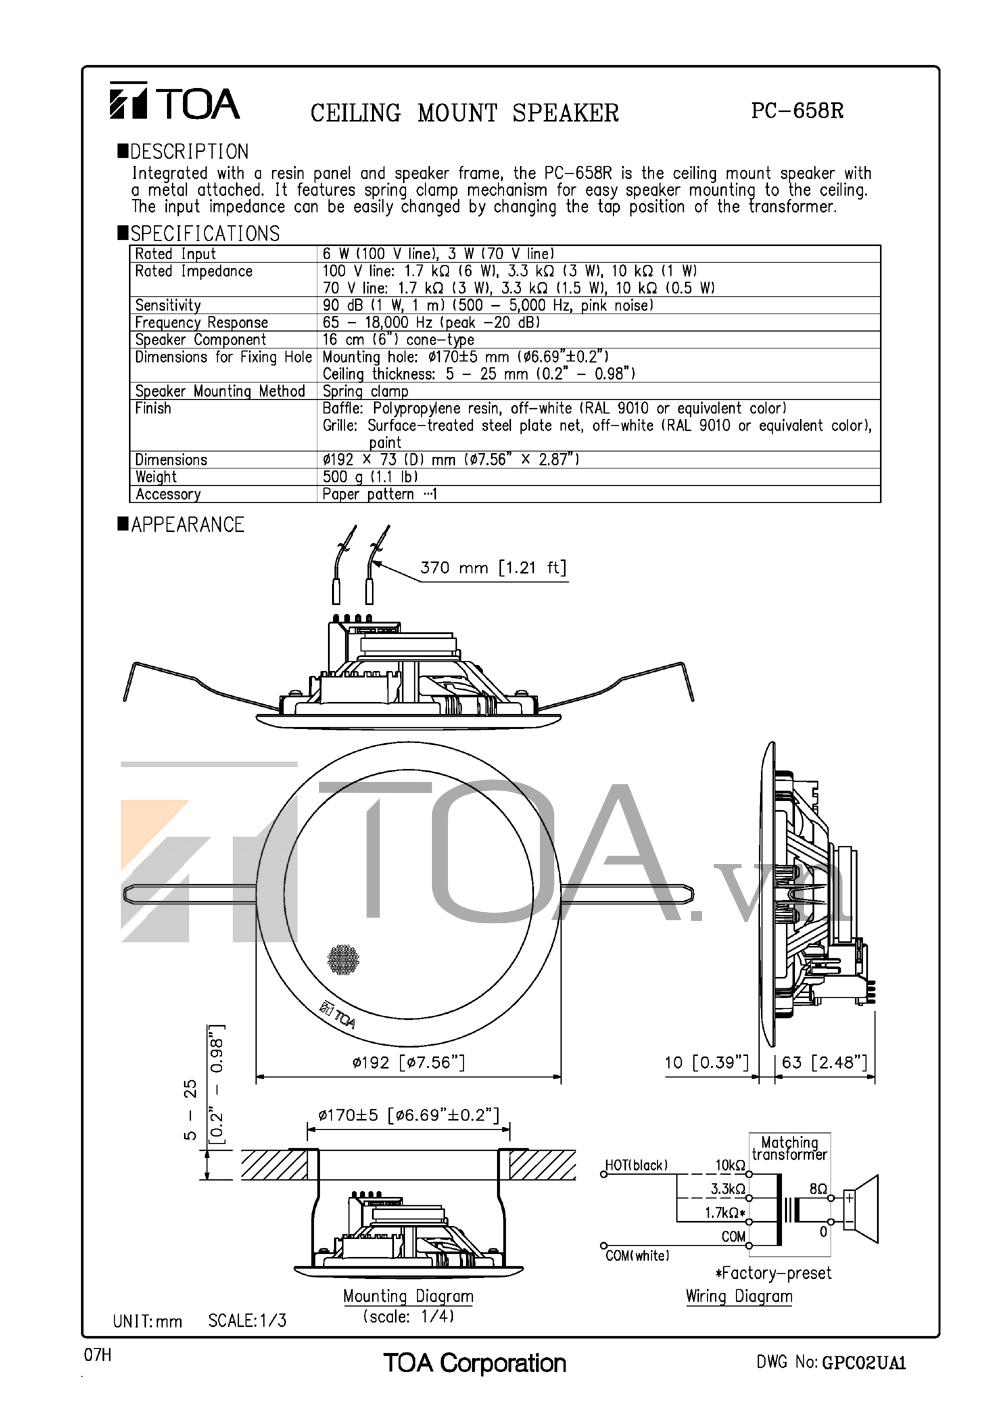 Bảng chi tiết thông số kỹ thuật loa PC 658R